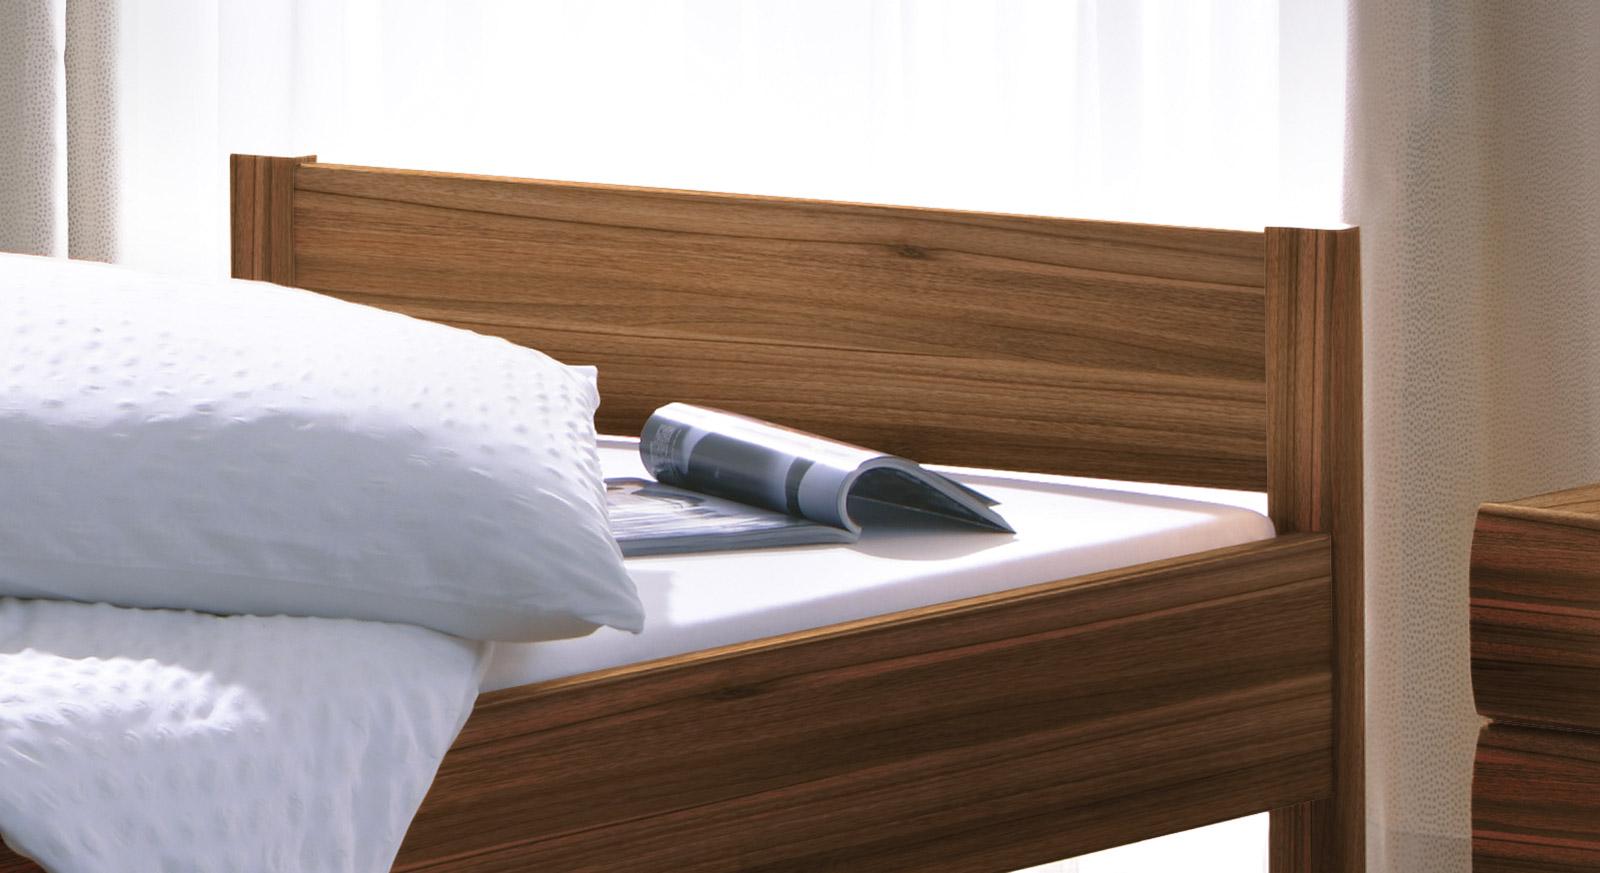 Das Kopfteil Ist Cm Hoch Und Sorgt Somit Fr Noch Mehr Komfort With Bett  Kopfteil Hoch